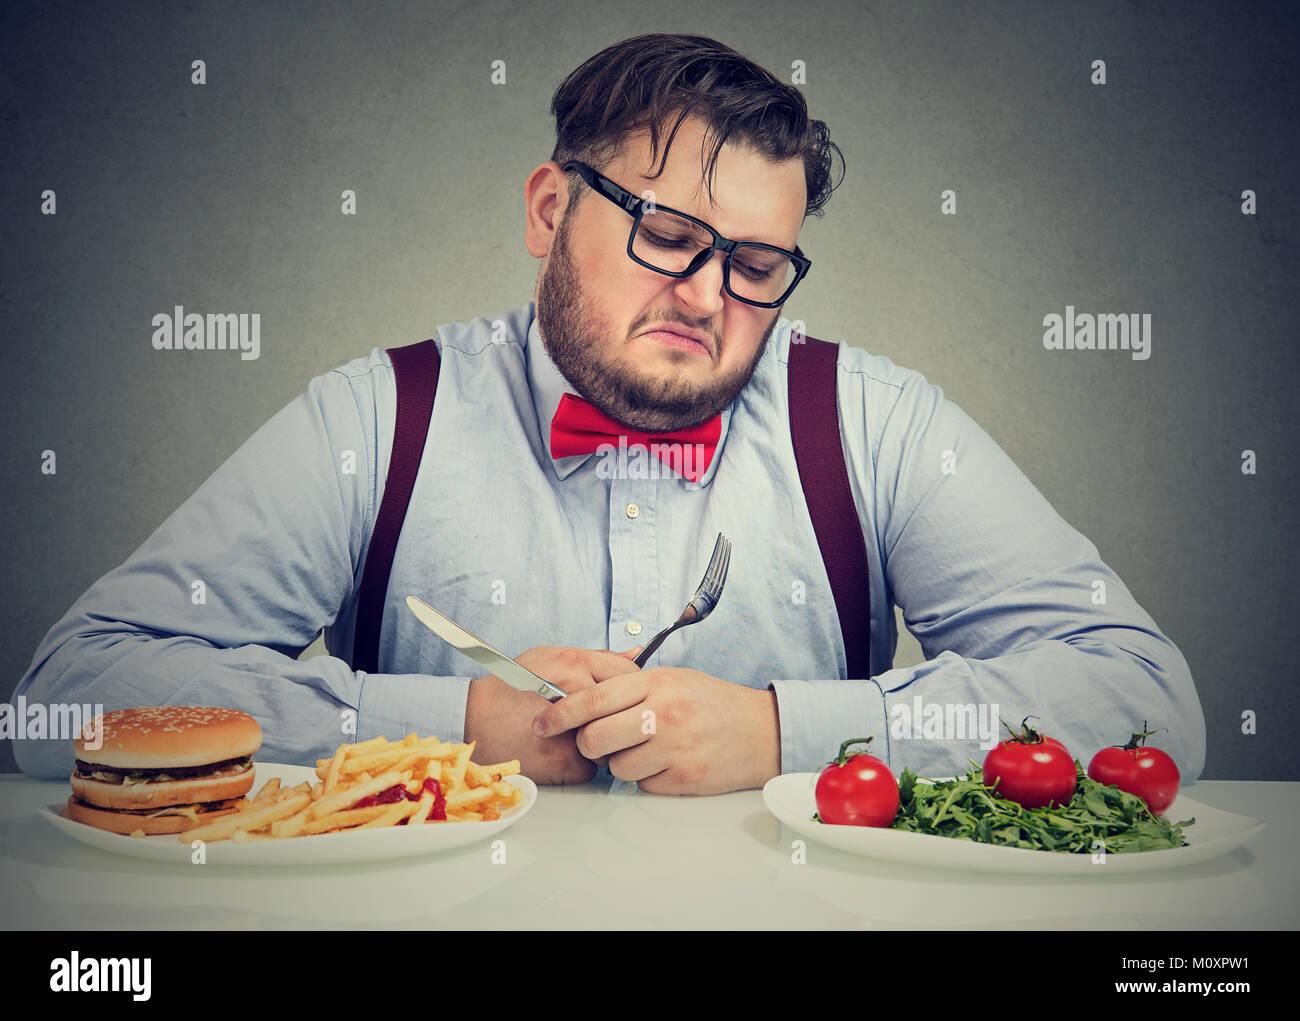 Übergewichtige Menschen in formalen Outfit auf Salat ? mit Haß und Begierde Saft hamburger. Stockbild